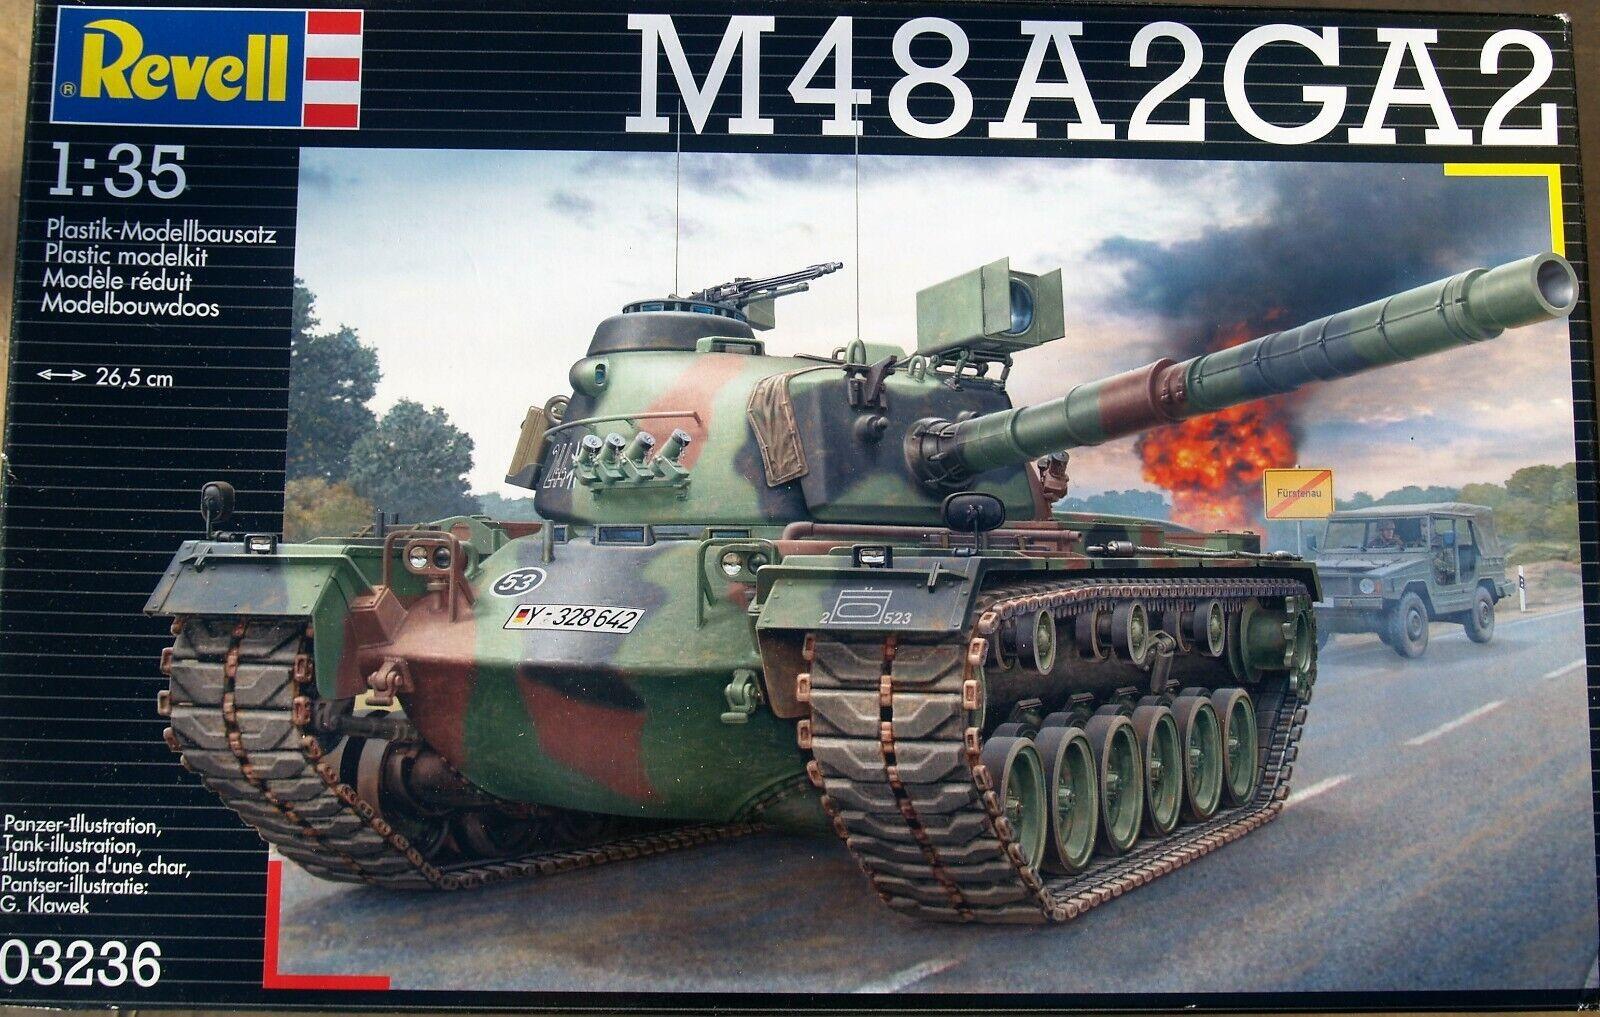 MODELLISMO- M48 A2GA2 - MODELLO IN PLASTICA - Revell - Scala 1 35